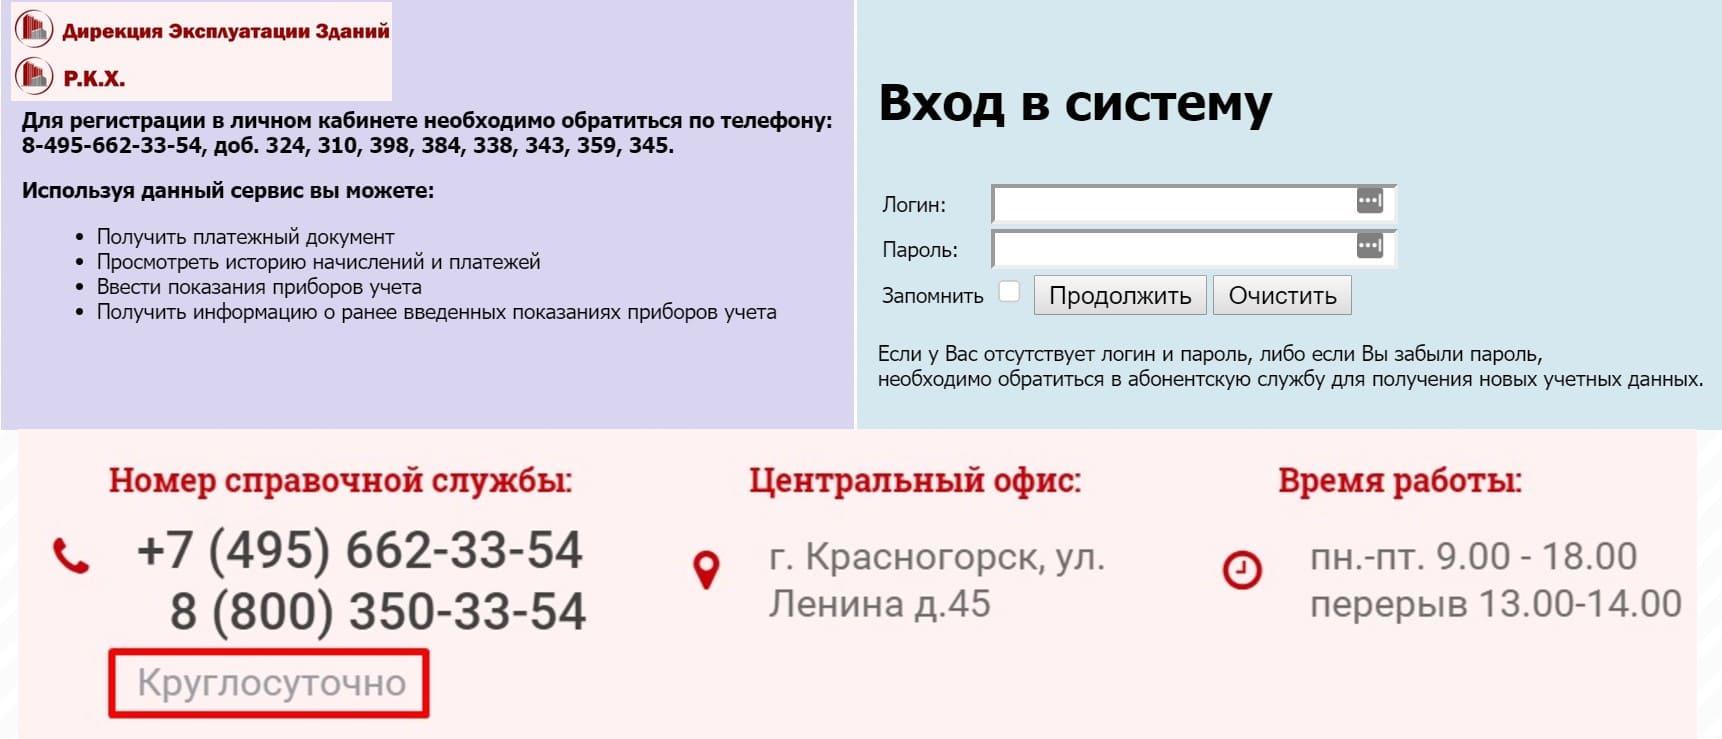 ДЭЗ Красногорск личный кабинет